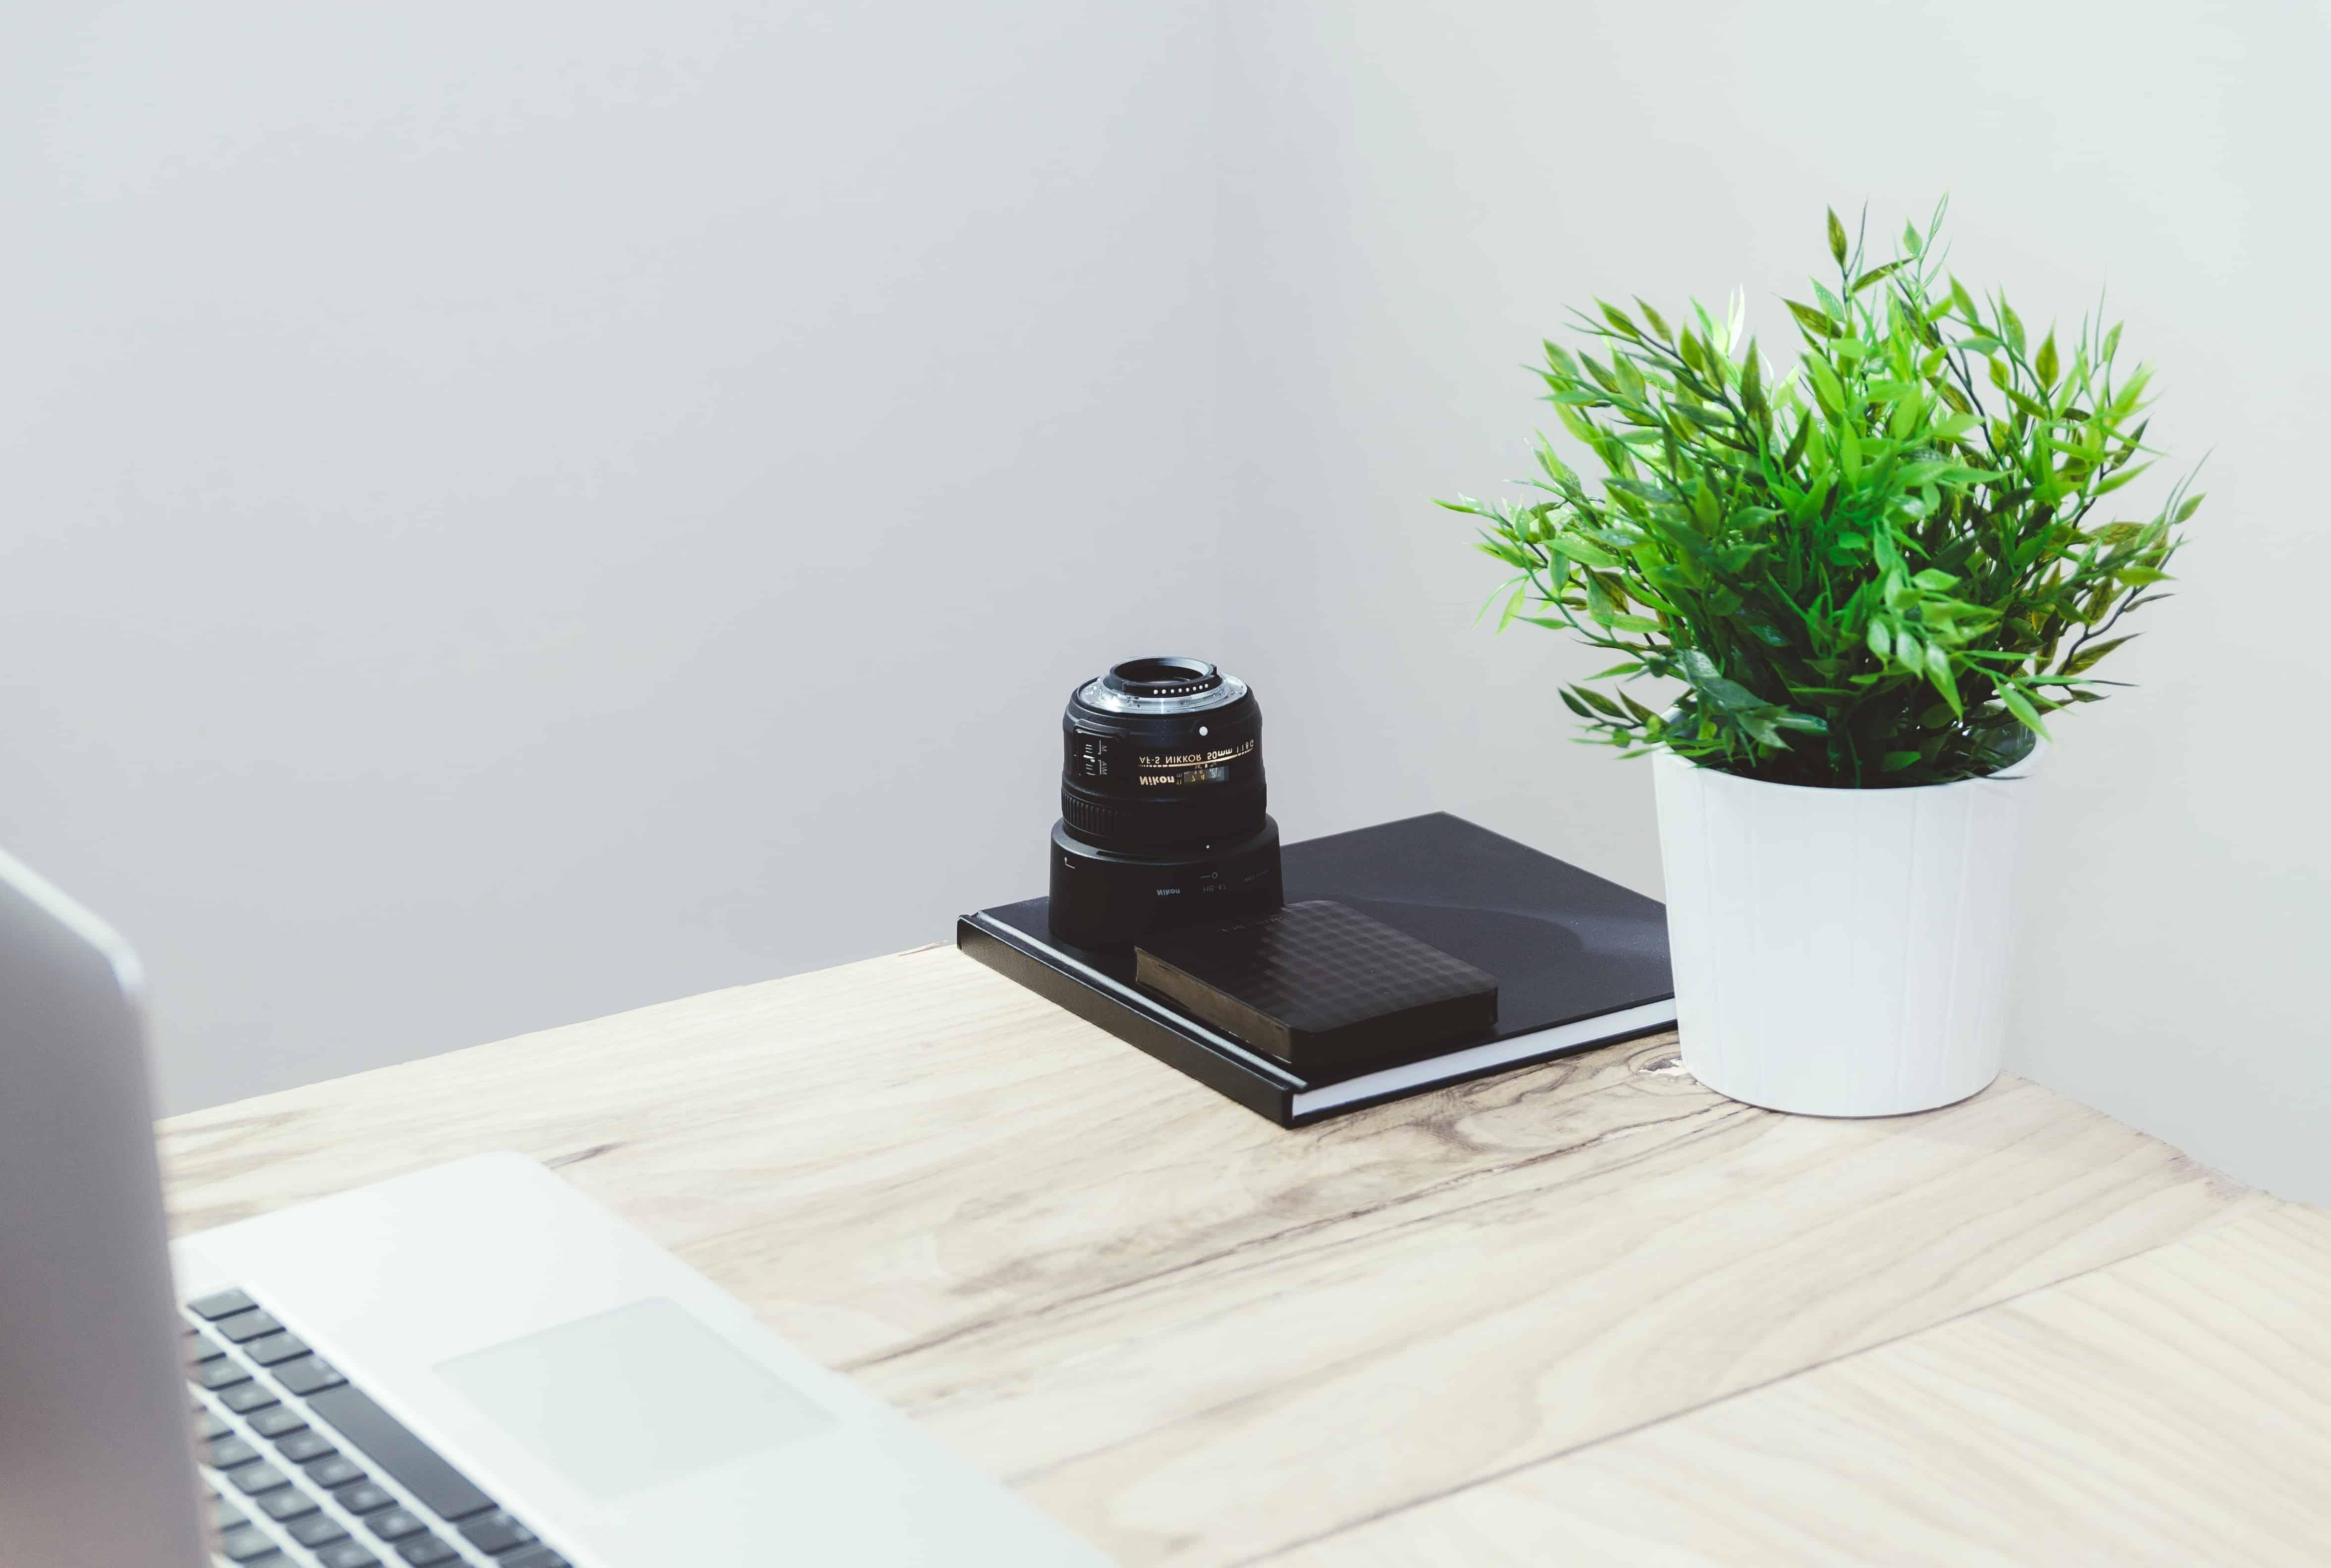 Image libre: minimalisme chambre meubles bureau bureau